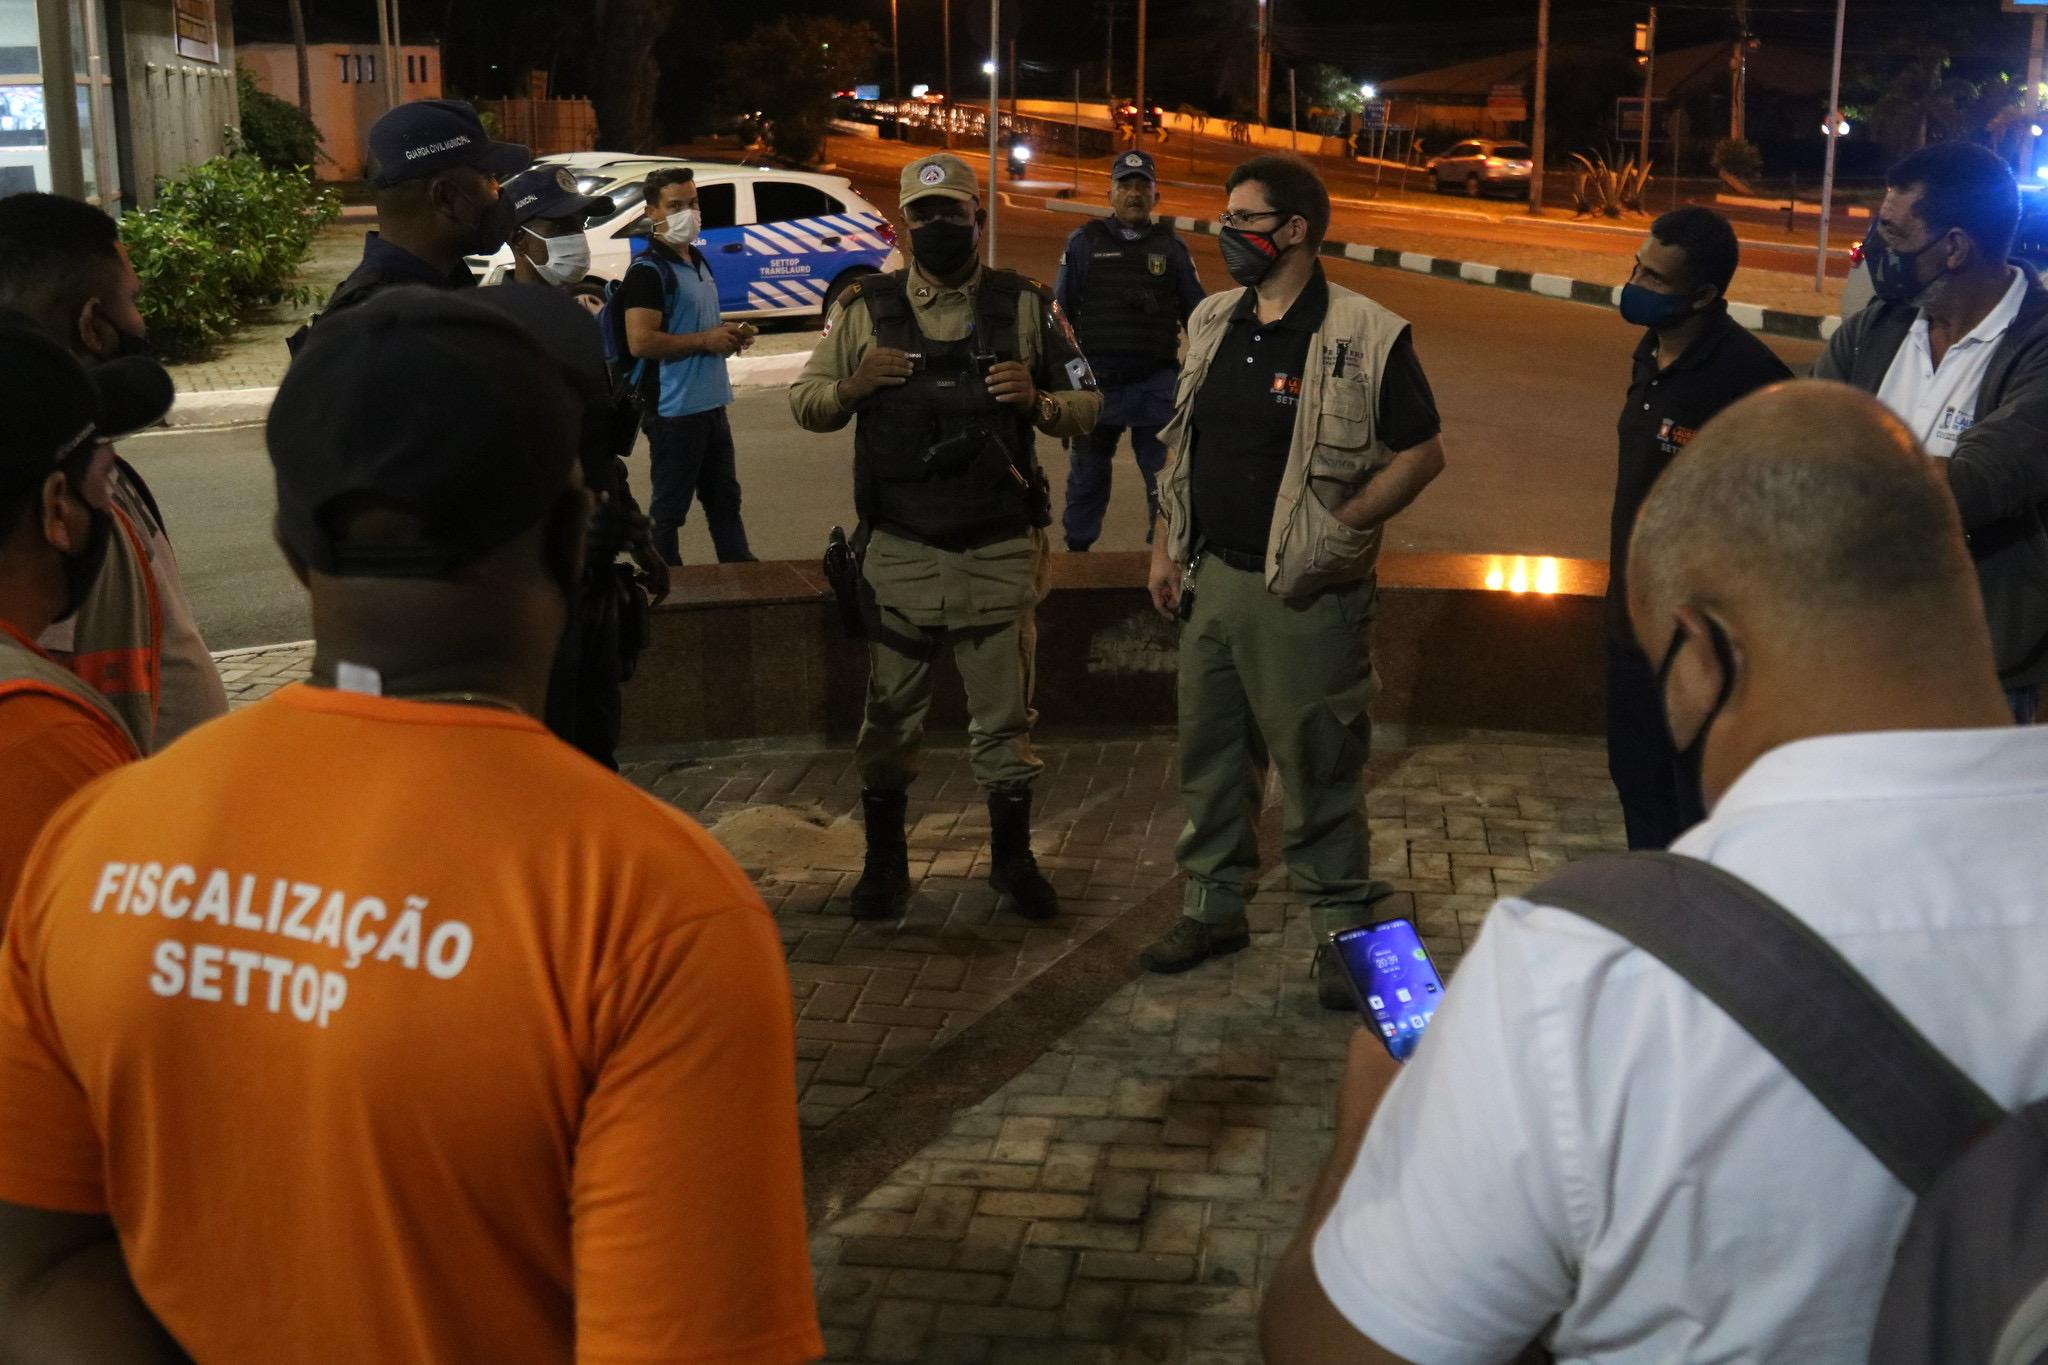 Novo decreto altera horário de restrição noturna e de circulação do transporte público. Venda de bebidas alcoólicas será suspensa no dia 23